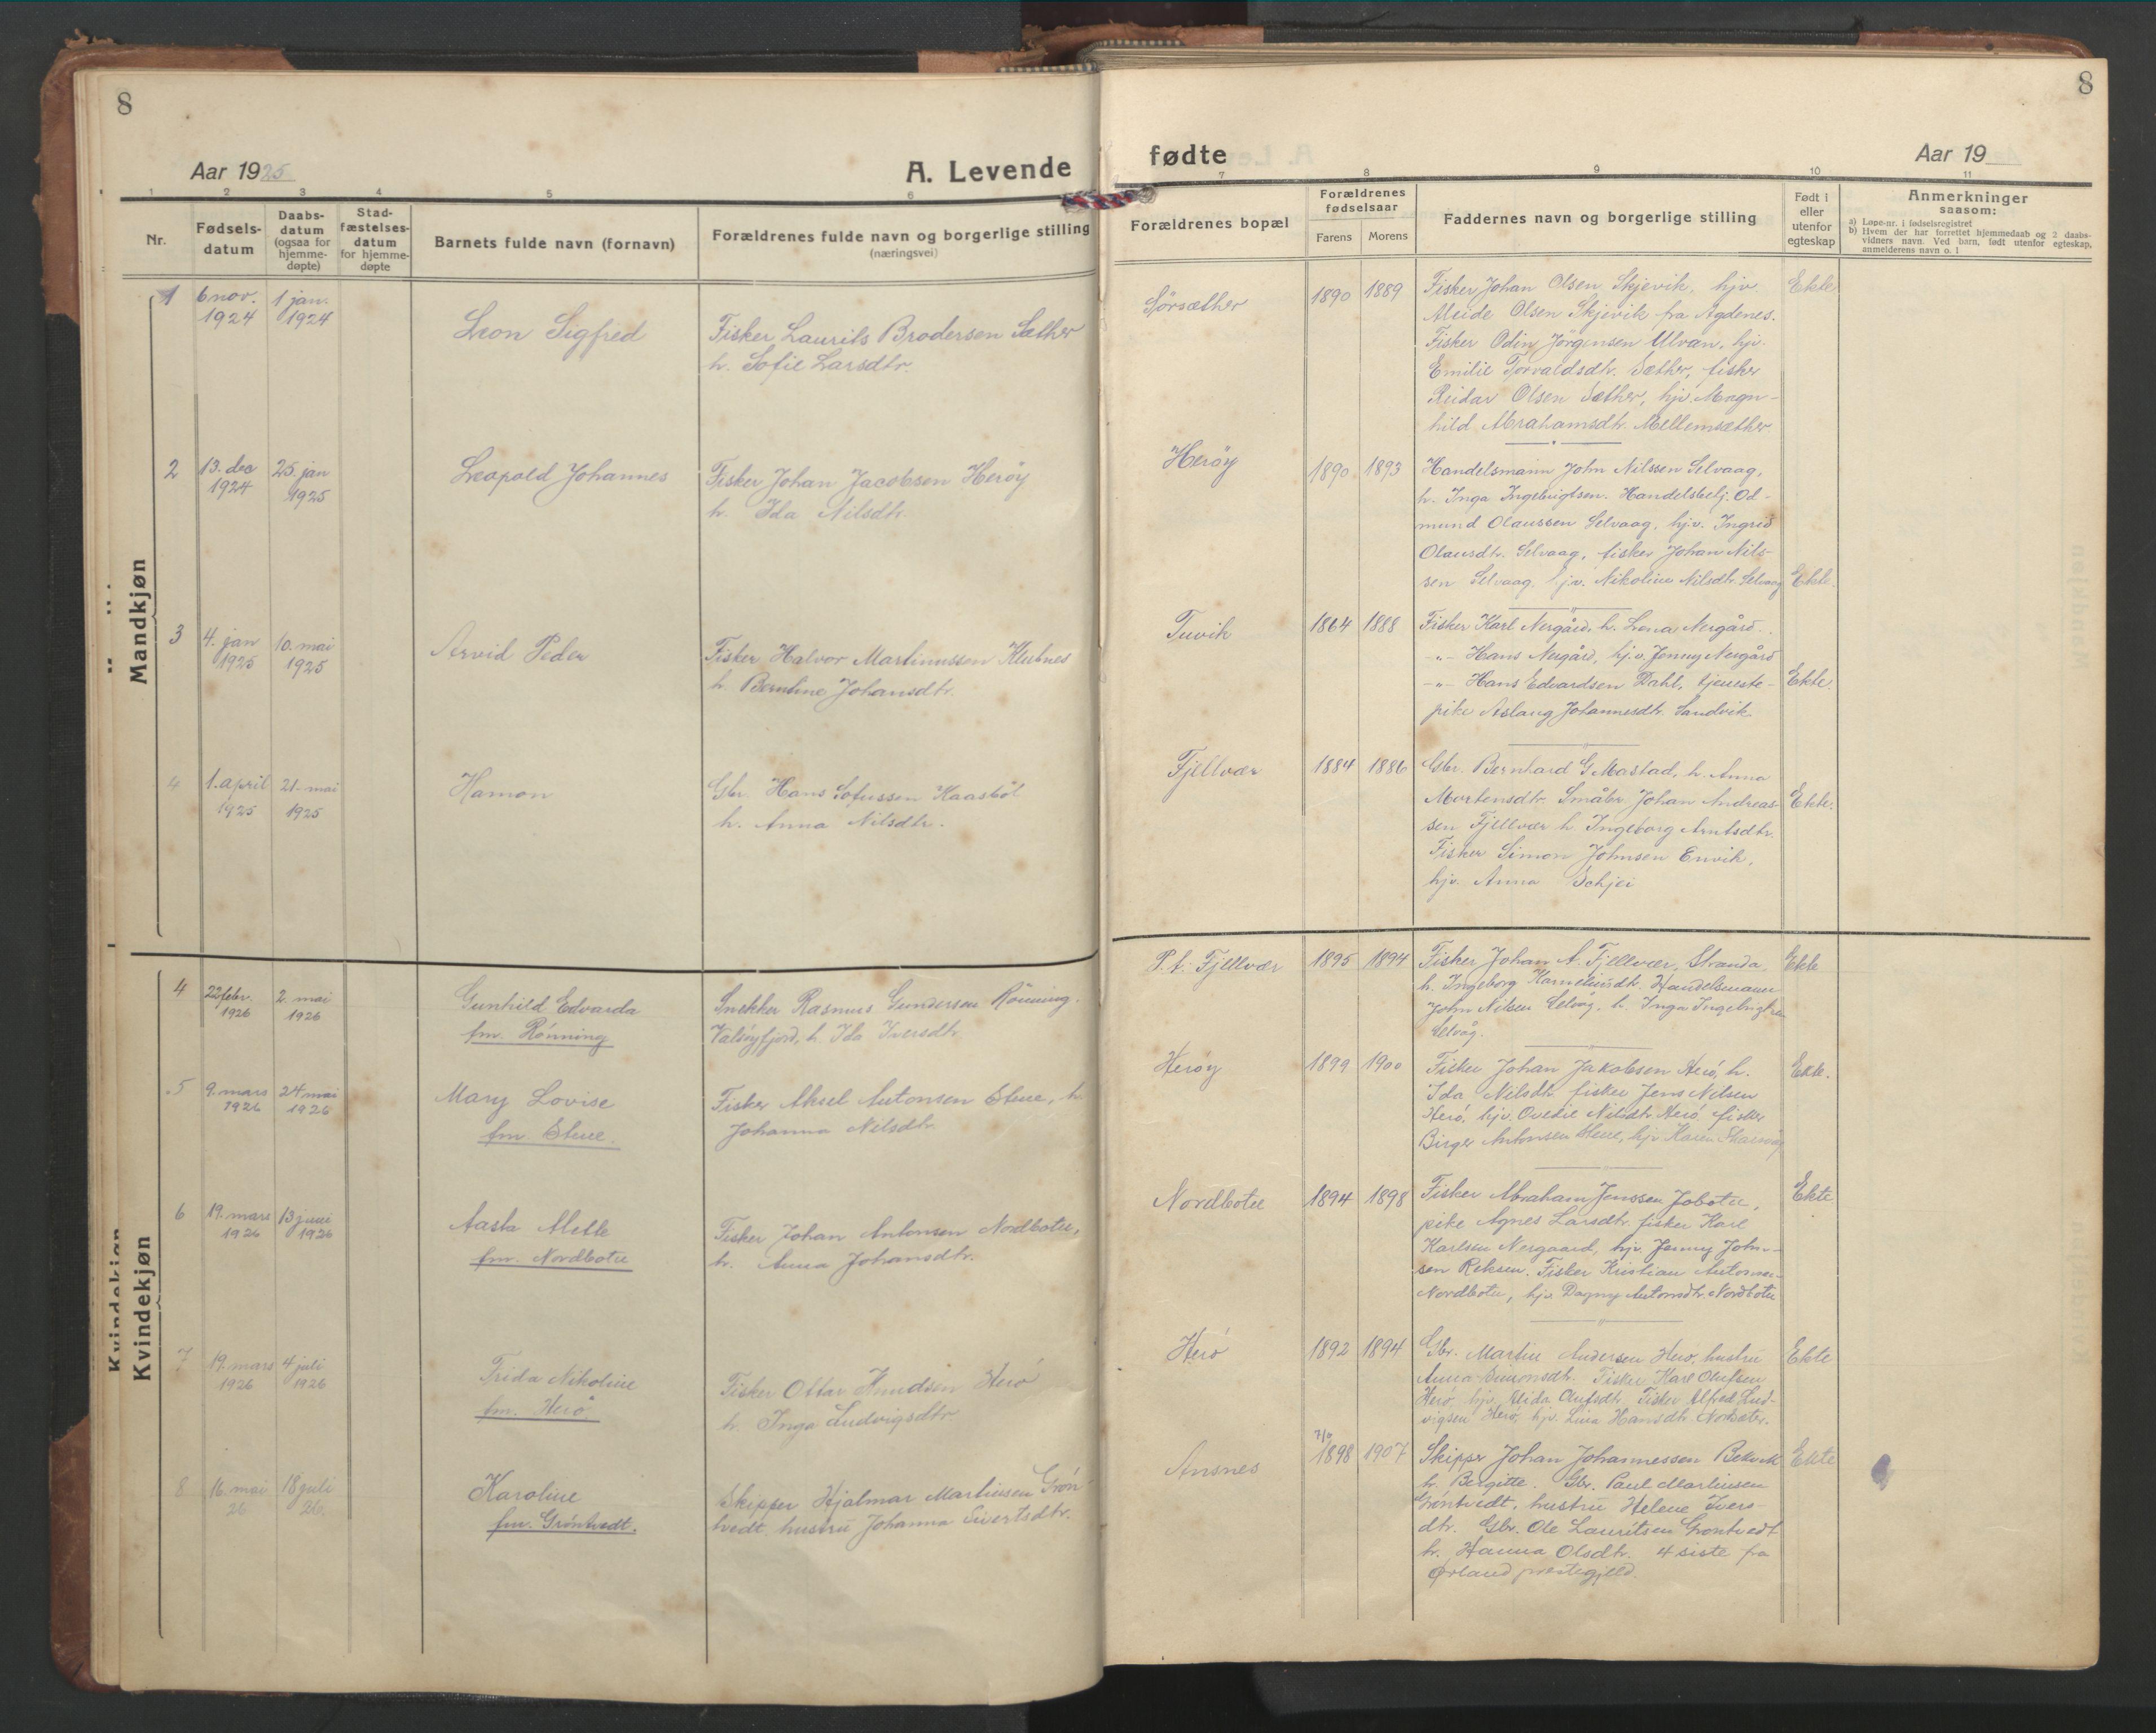 SAT, Ministerialprotokoller, klokkerbøker og fødselsregistre - Sør-Trøndelag, 638/L0569: Klokkerbok nr. 638C01, 1923-1961, s. 8